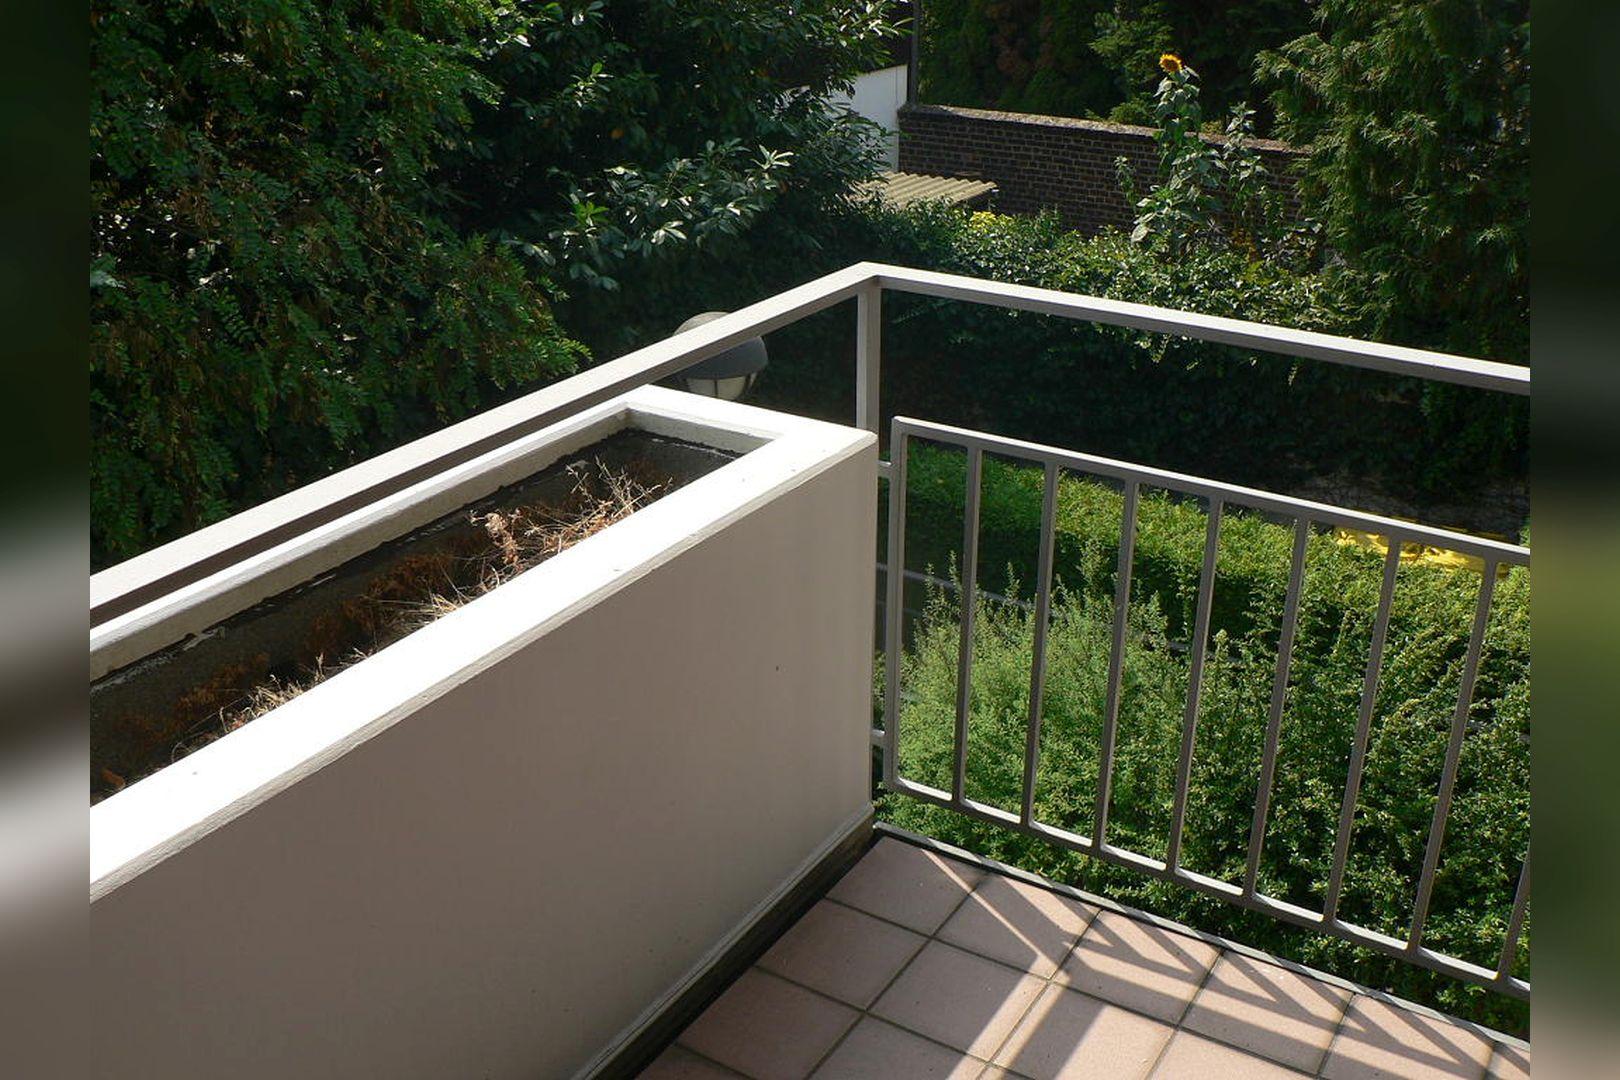 Immobilie Nr.0234 - 1 - Raum - Bürofläche mit Aktenkeller und Balkon - Bild 3.jpg